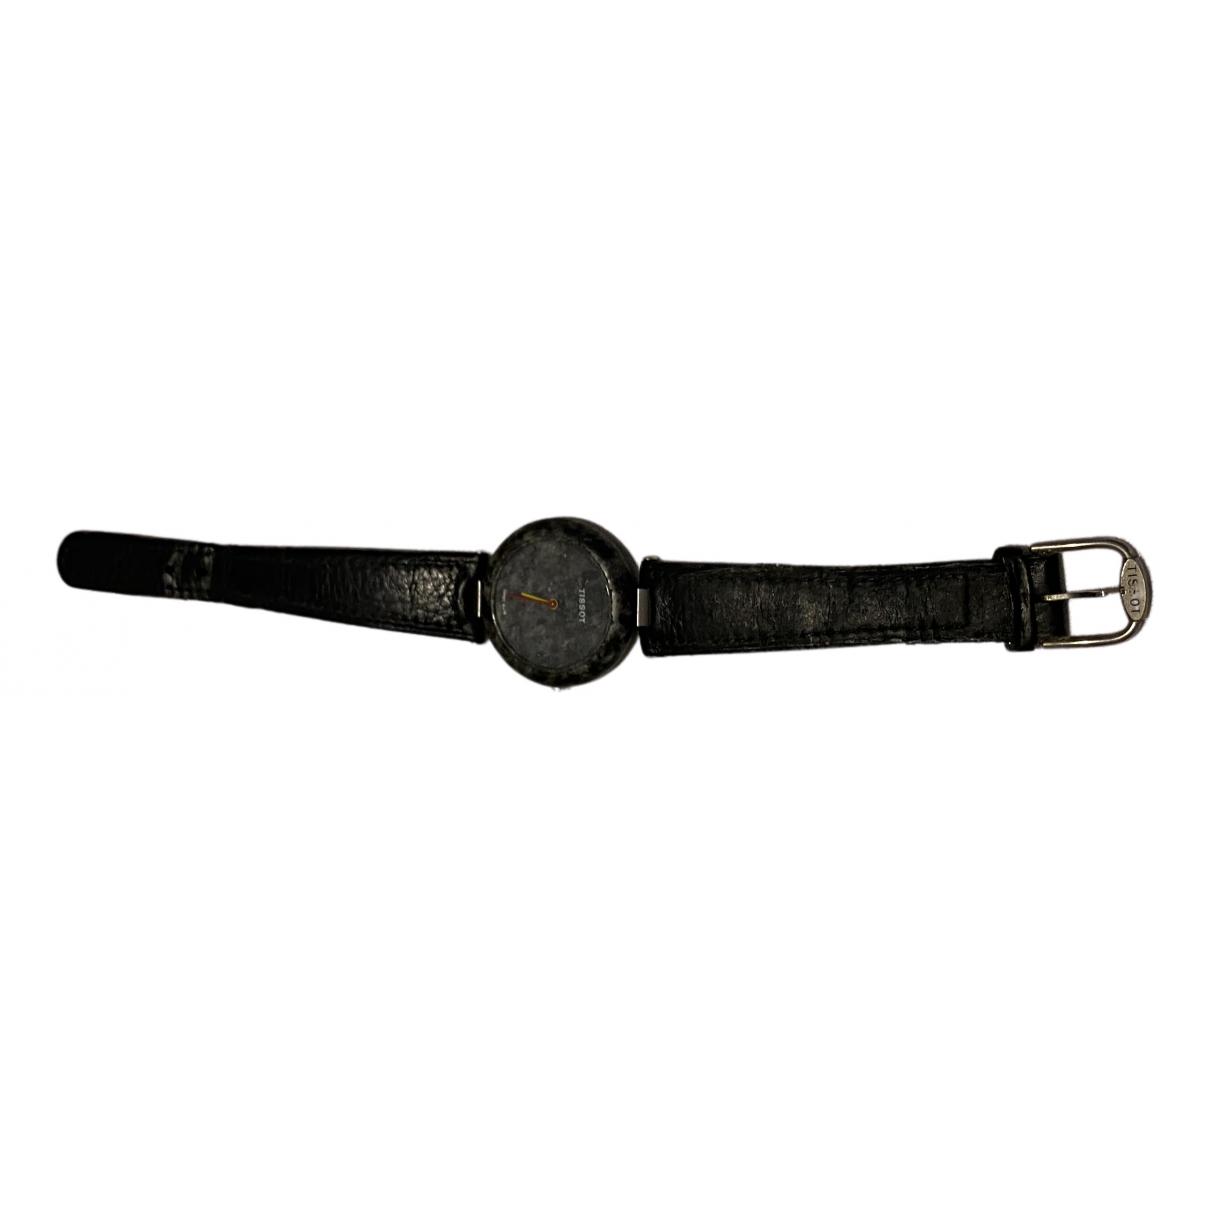 Tissot - Montre   pour homme en autre - noir